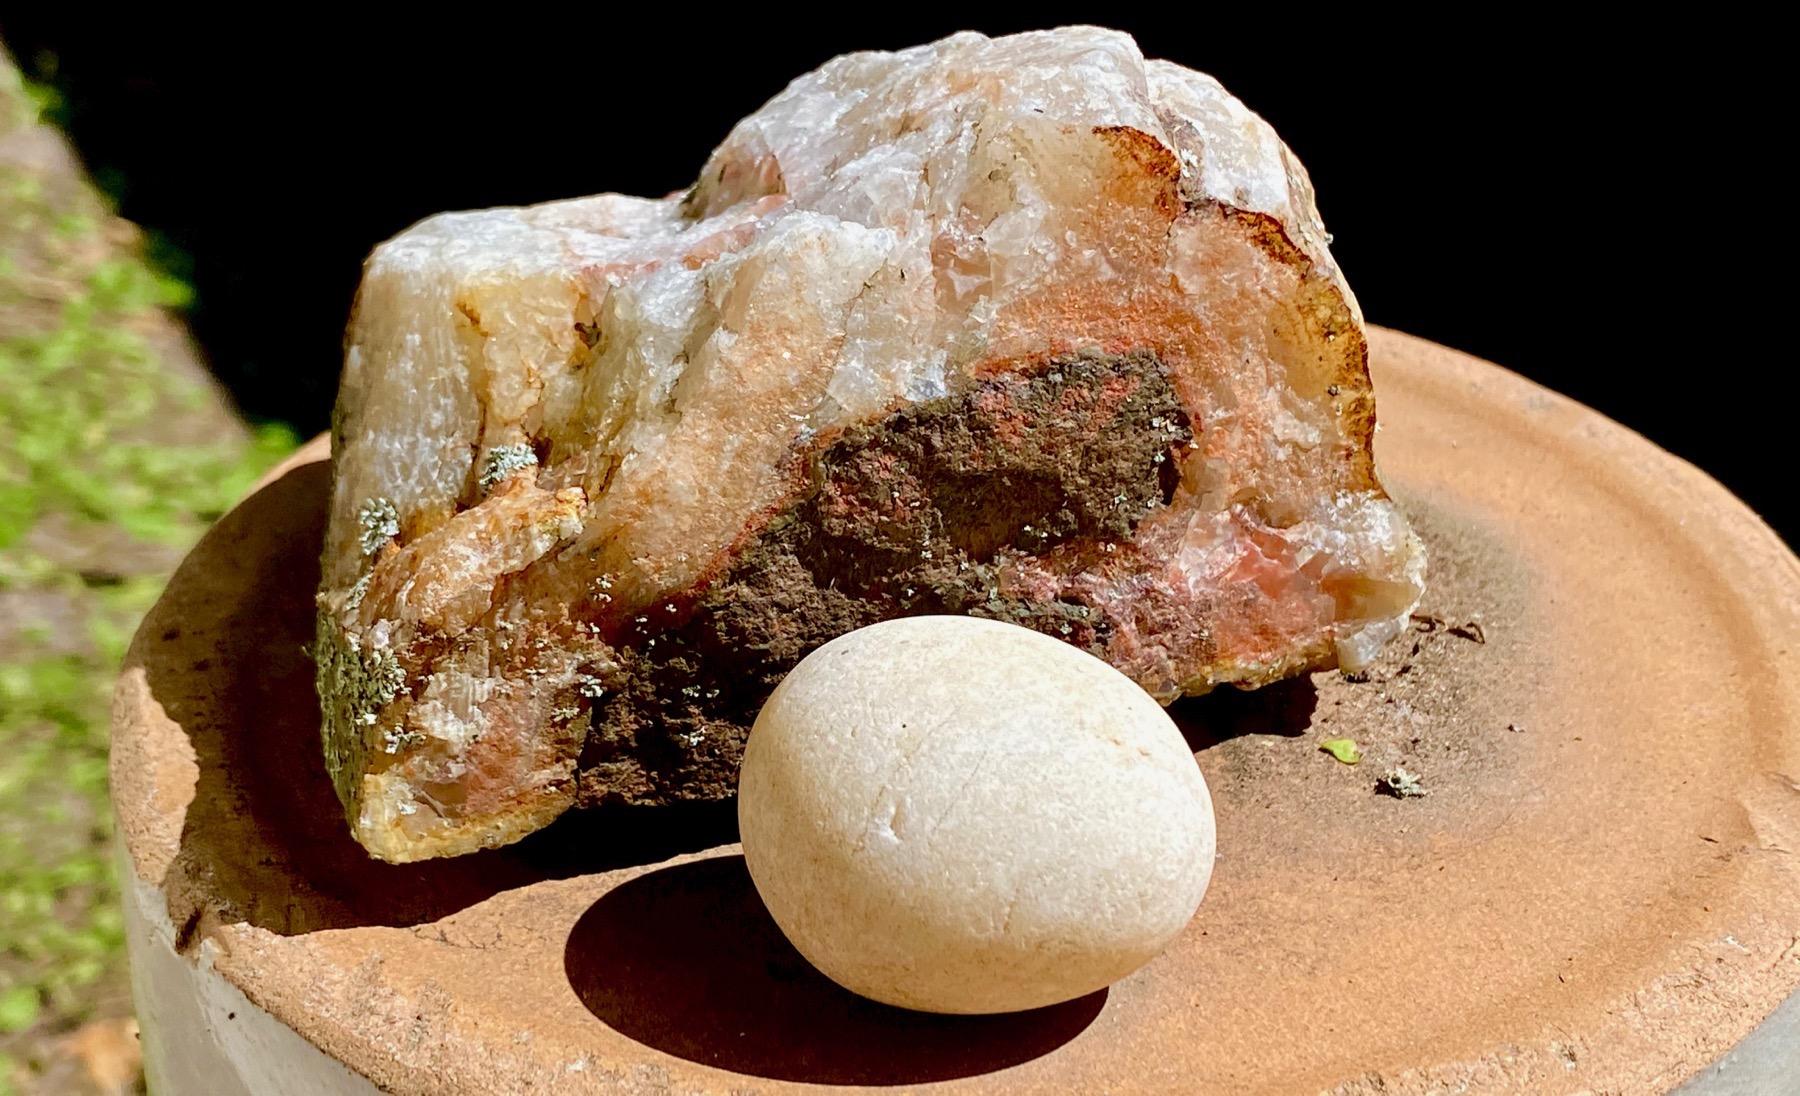 Still rocks